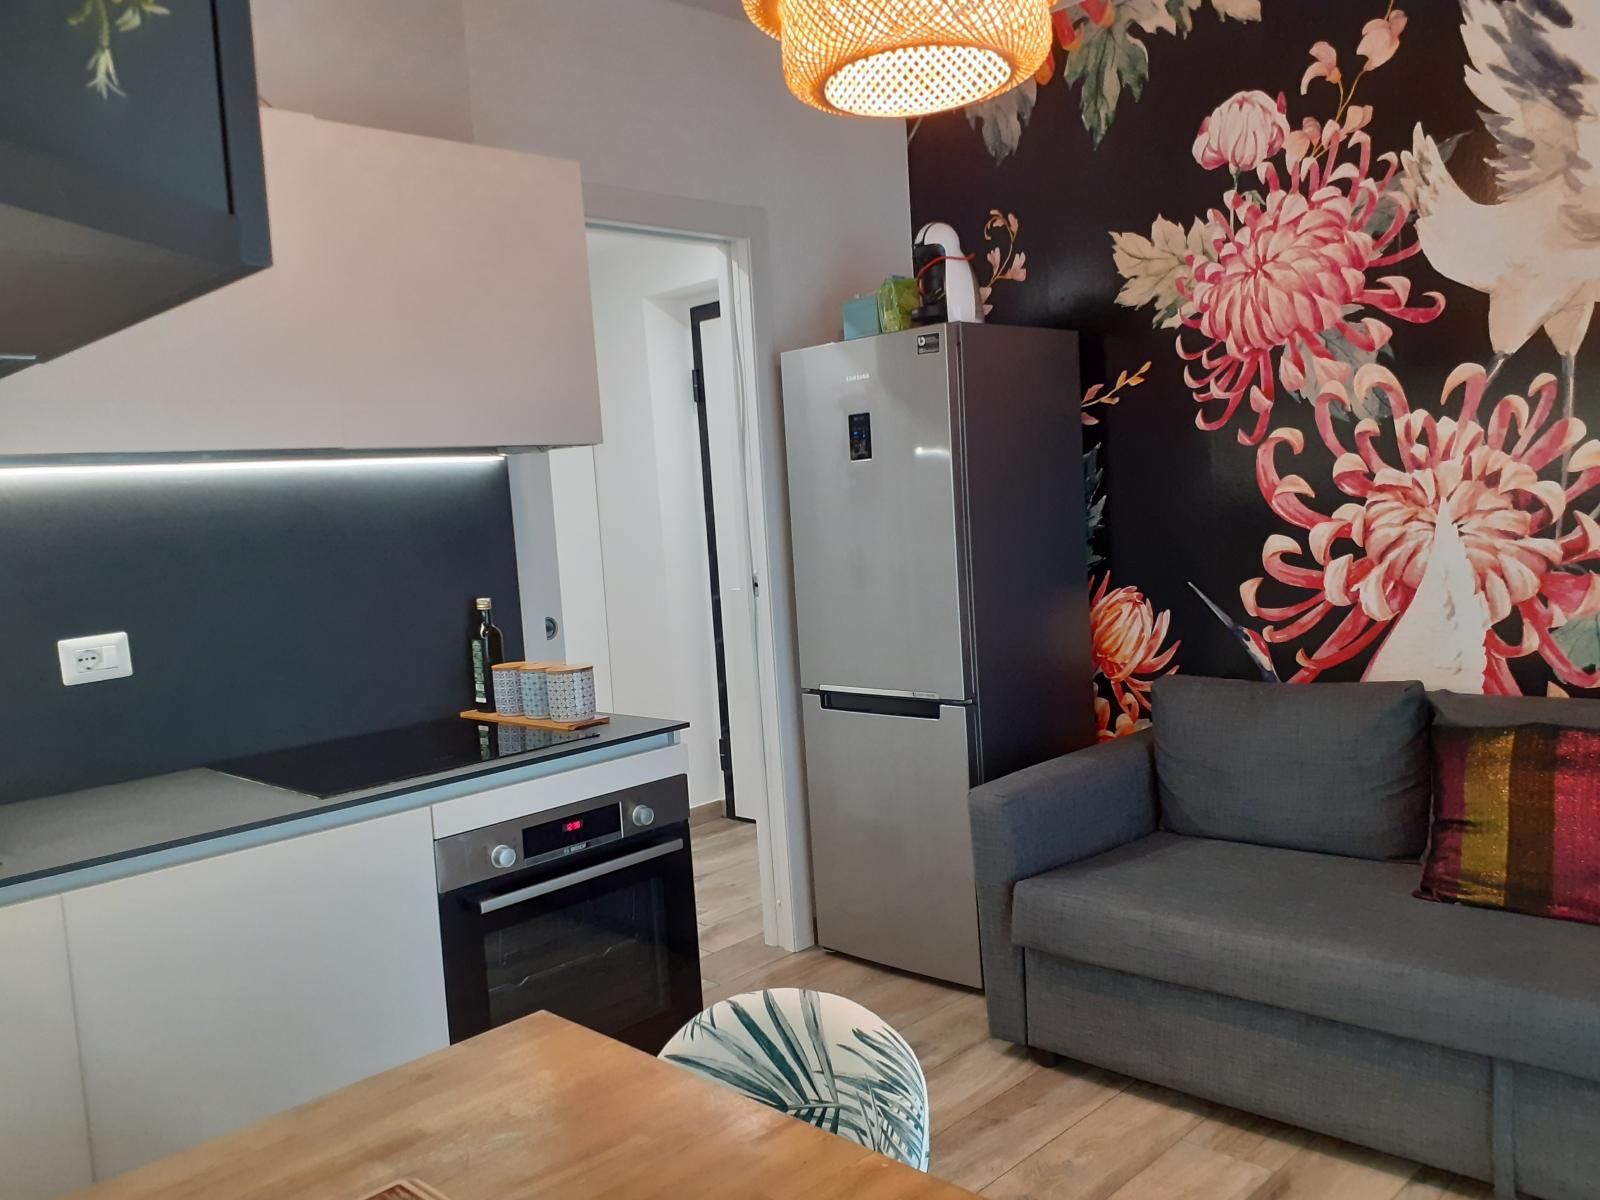 appartamento-open-space-milano-via-broggini-baggio-spaziourbano-immobiliare-vende-9